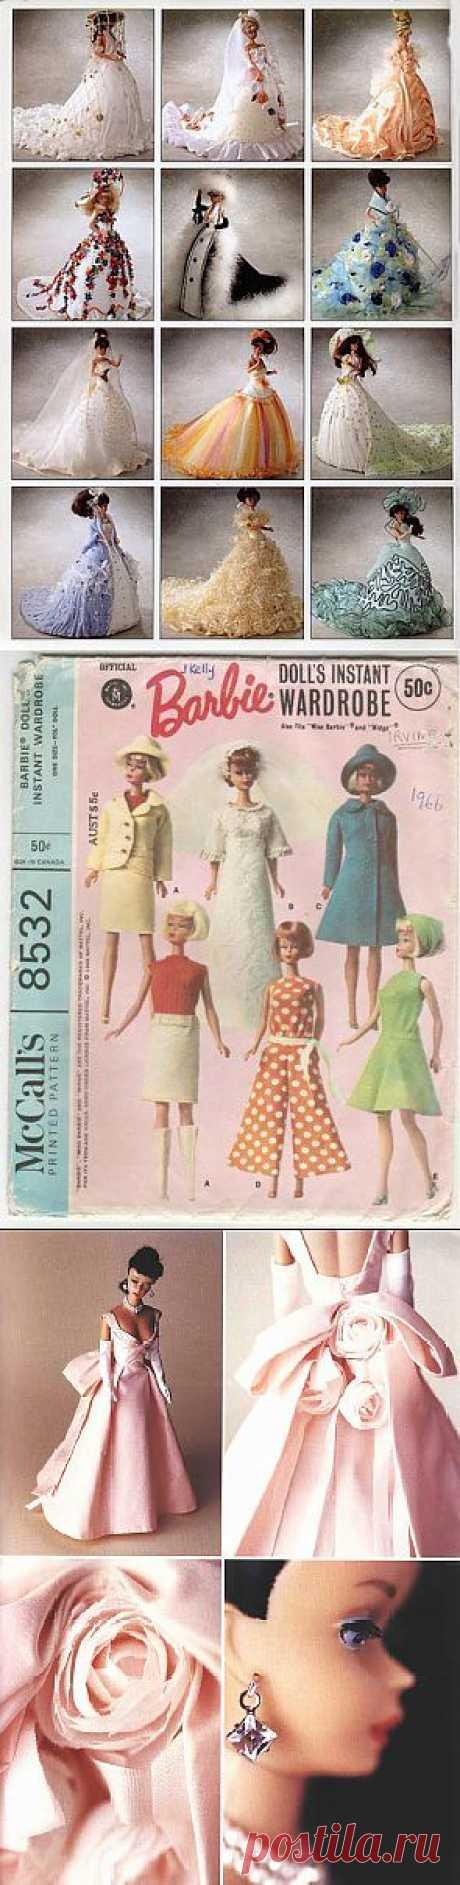 Одежда для кукол своими руками | Записи в рубрике Одежда для кукол своими руками | Дневник Куклы_и_только_куклы